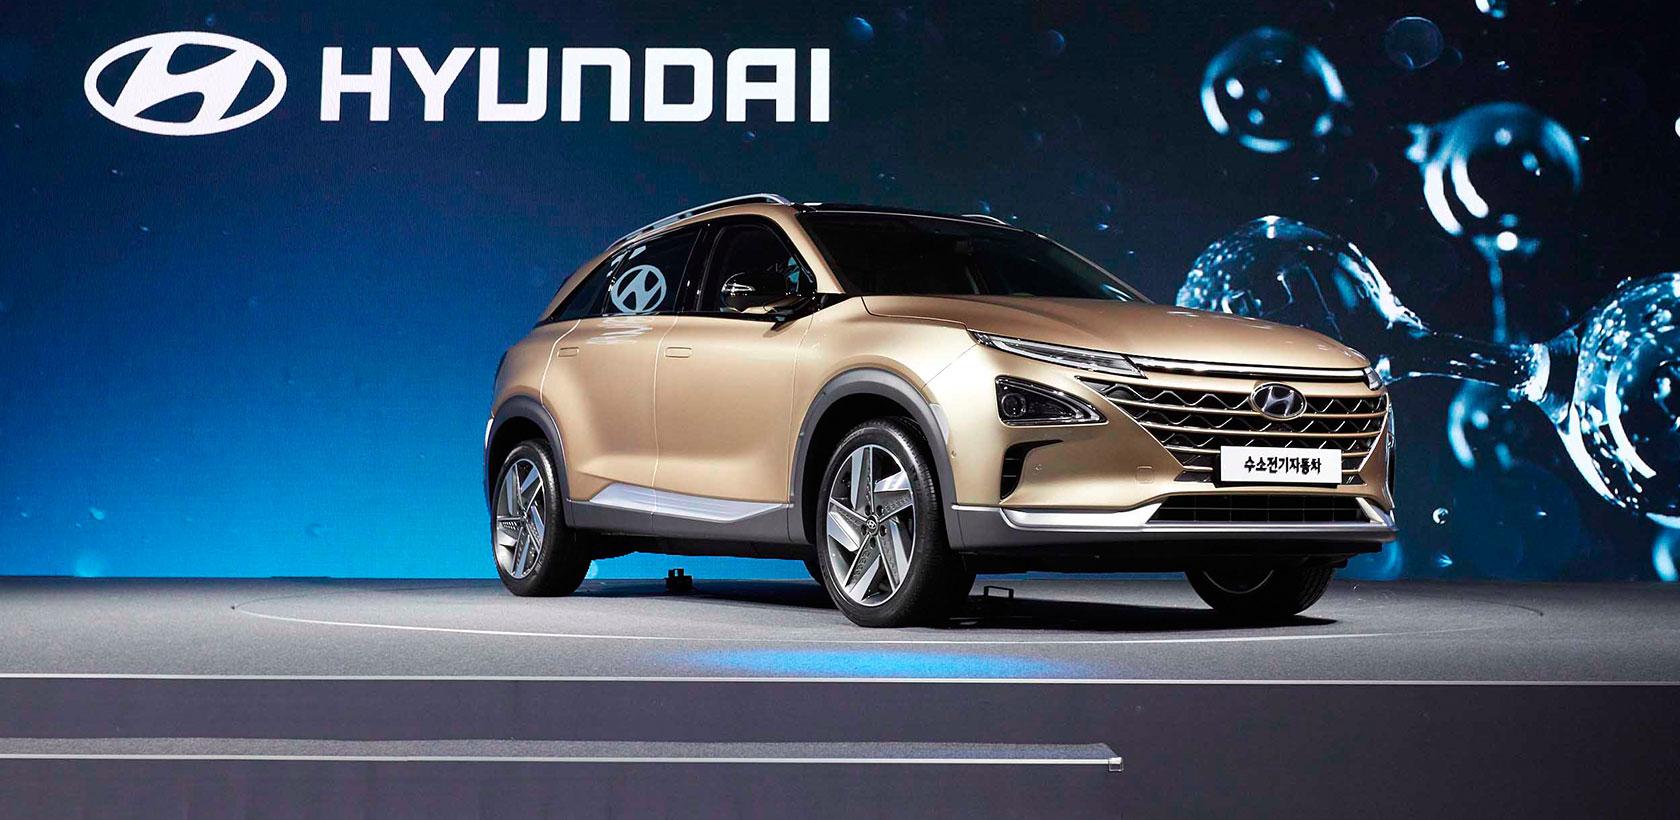 La nouvelle génération du SUV à hydrogène, Hyundai promet une autonomie et un style de tout premier ordre